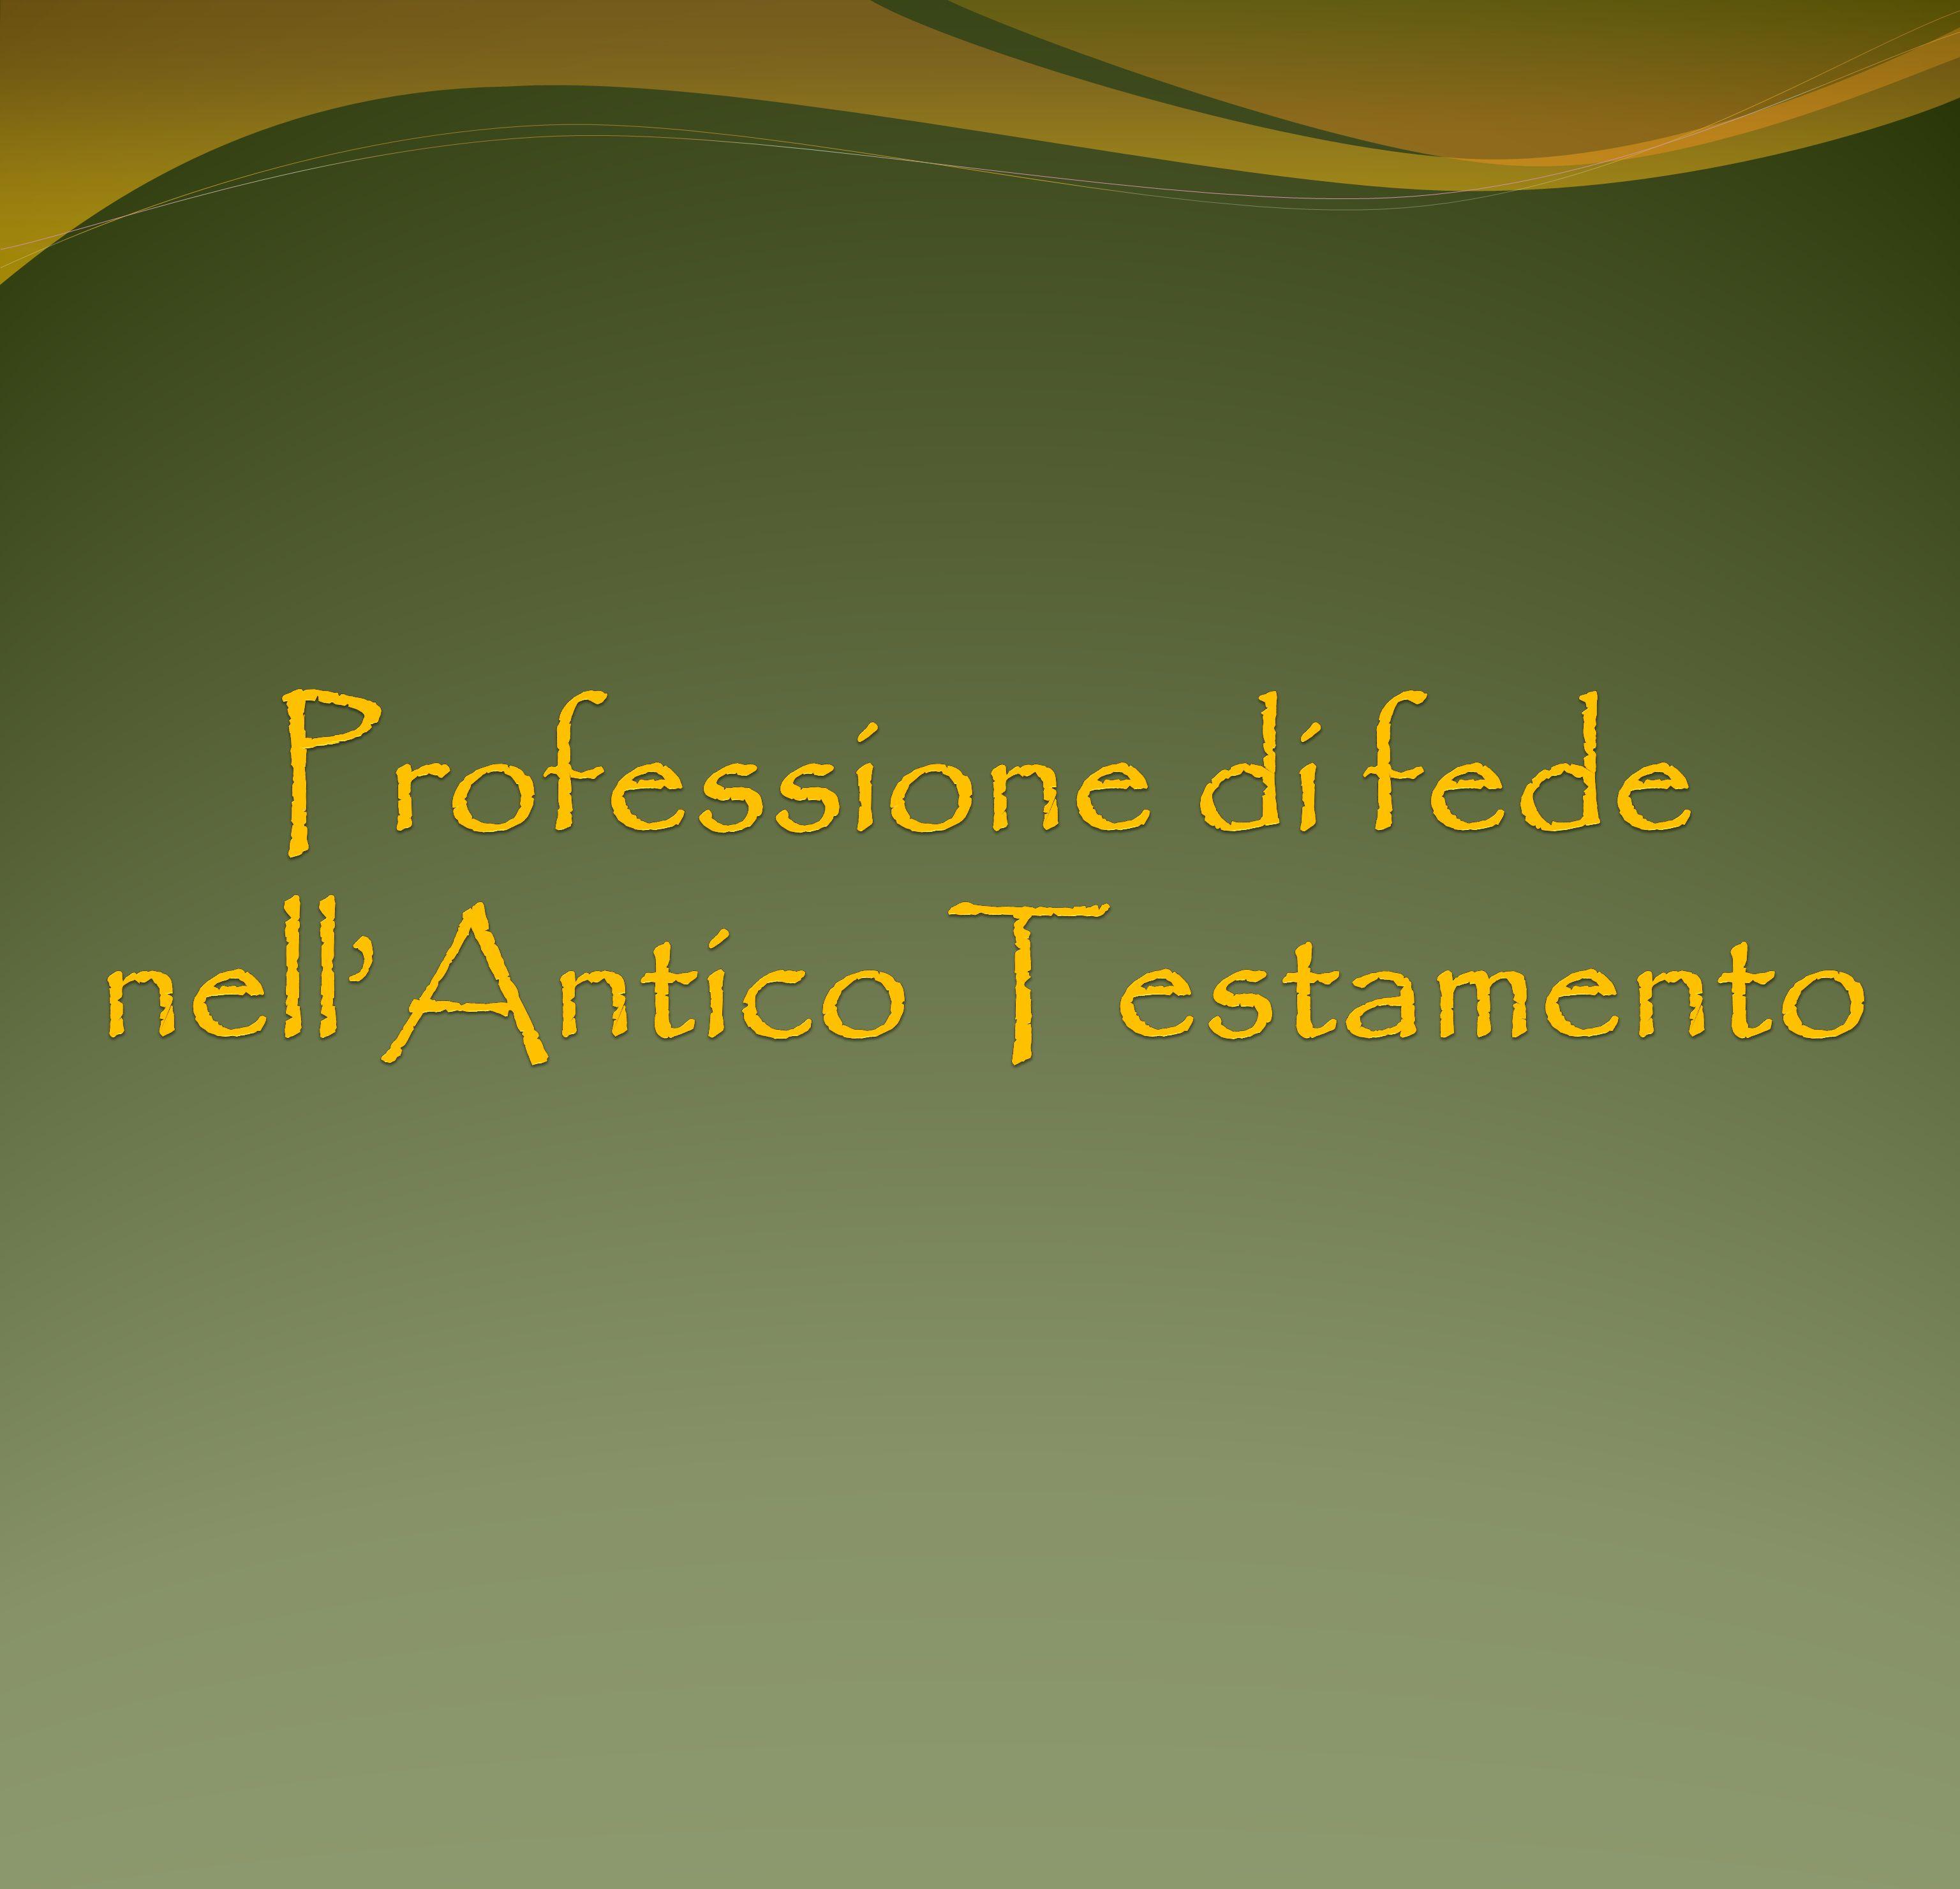 Professione di fede nell'Antico Testamento